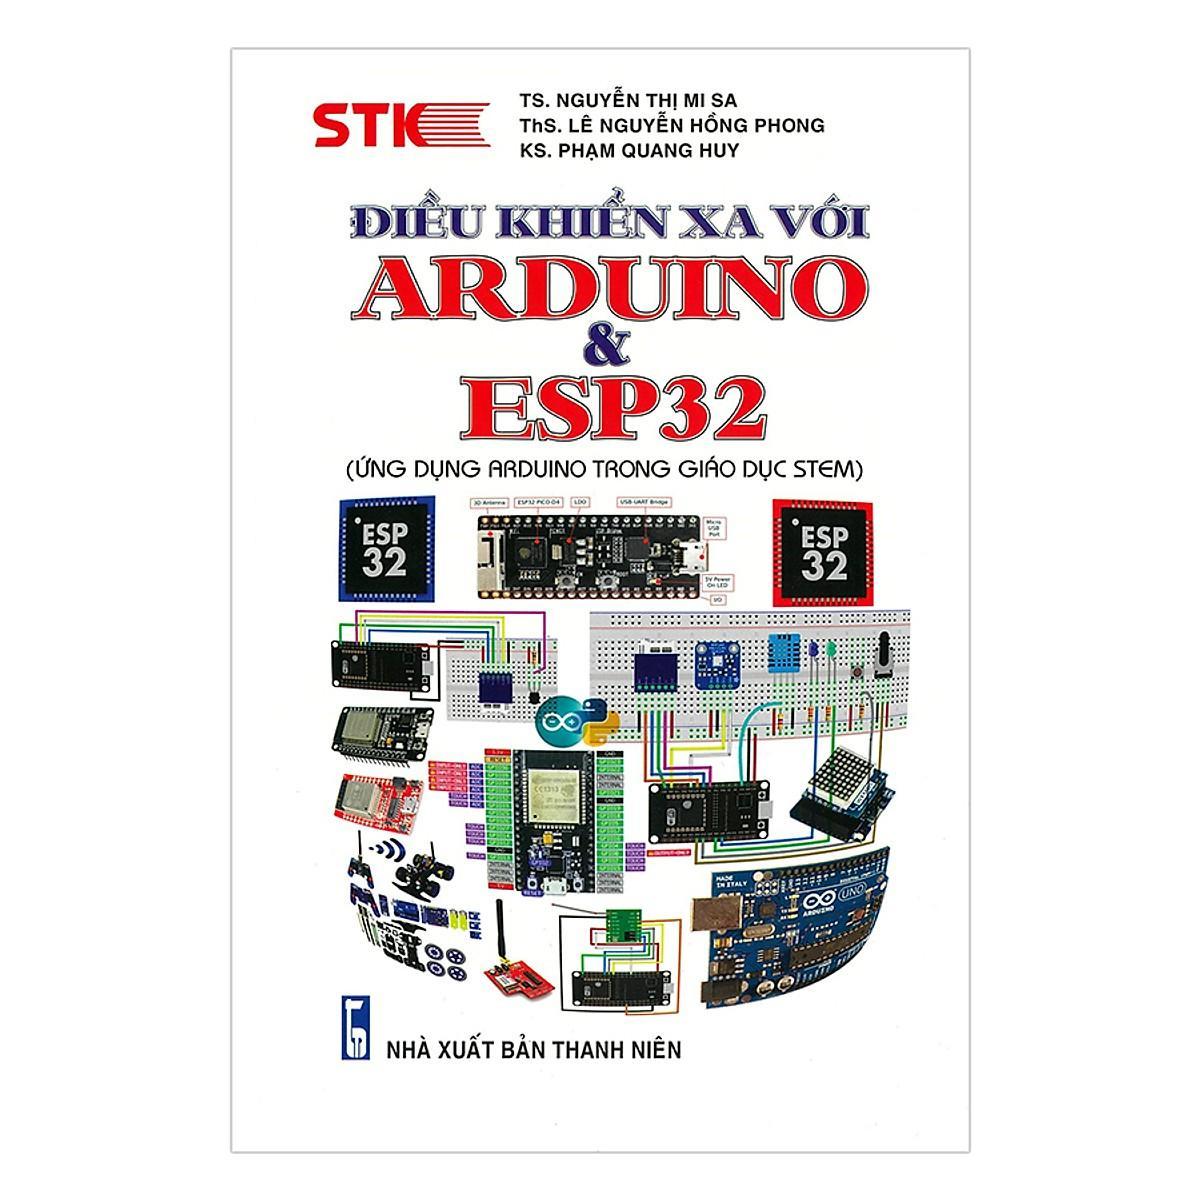 Mua Điều Khiển Xa Với Arduino & ESP32